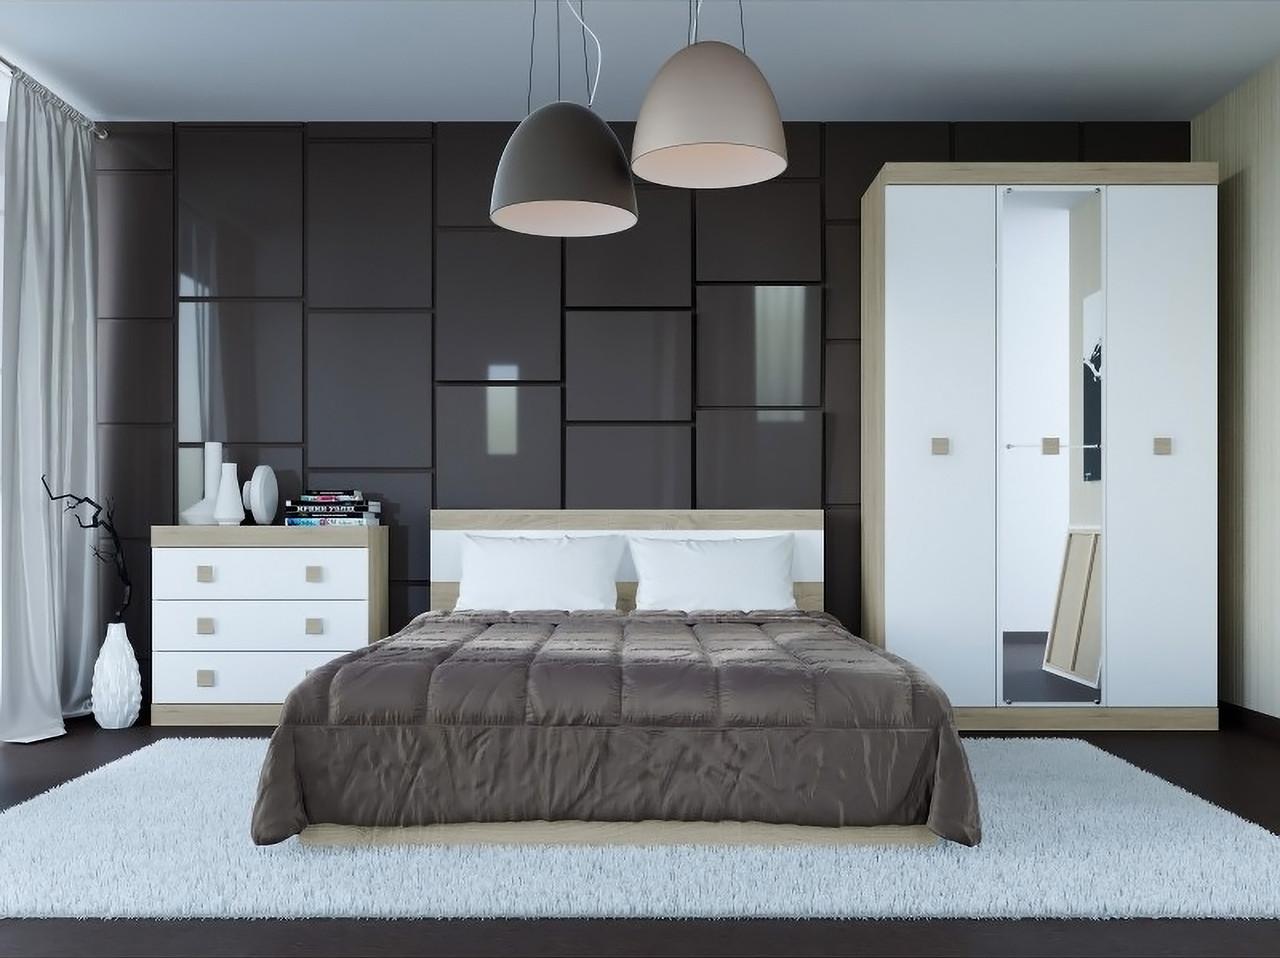 Спальня комплект 1 с зеркалом ЭВЕРЕСТ Дуб сонома + Белый, фото 1